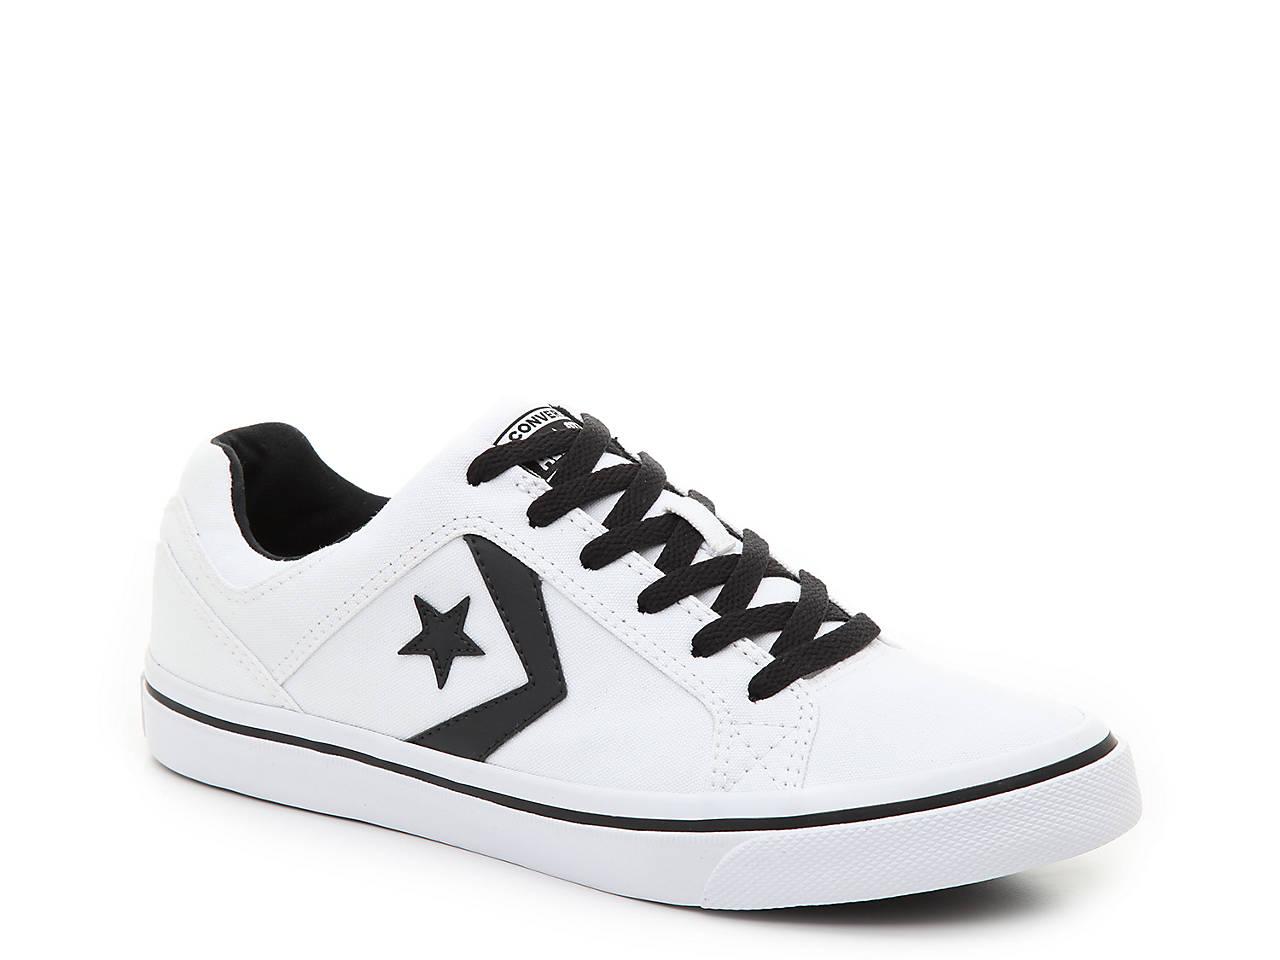 39af21bf1e79 Converse El Distrito Sneaker - Men s Men s Shoes